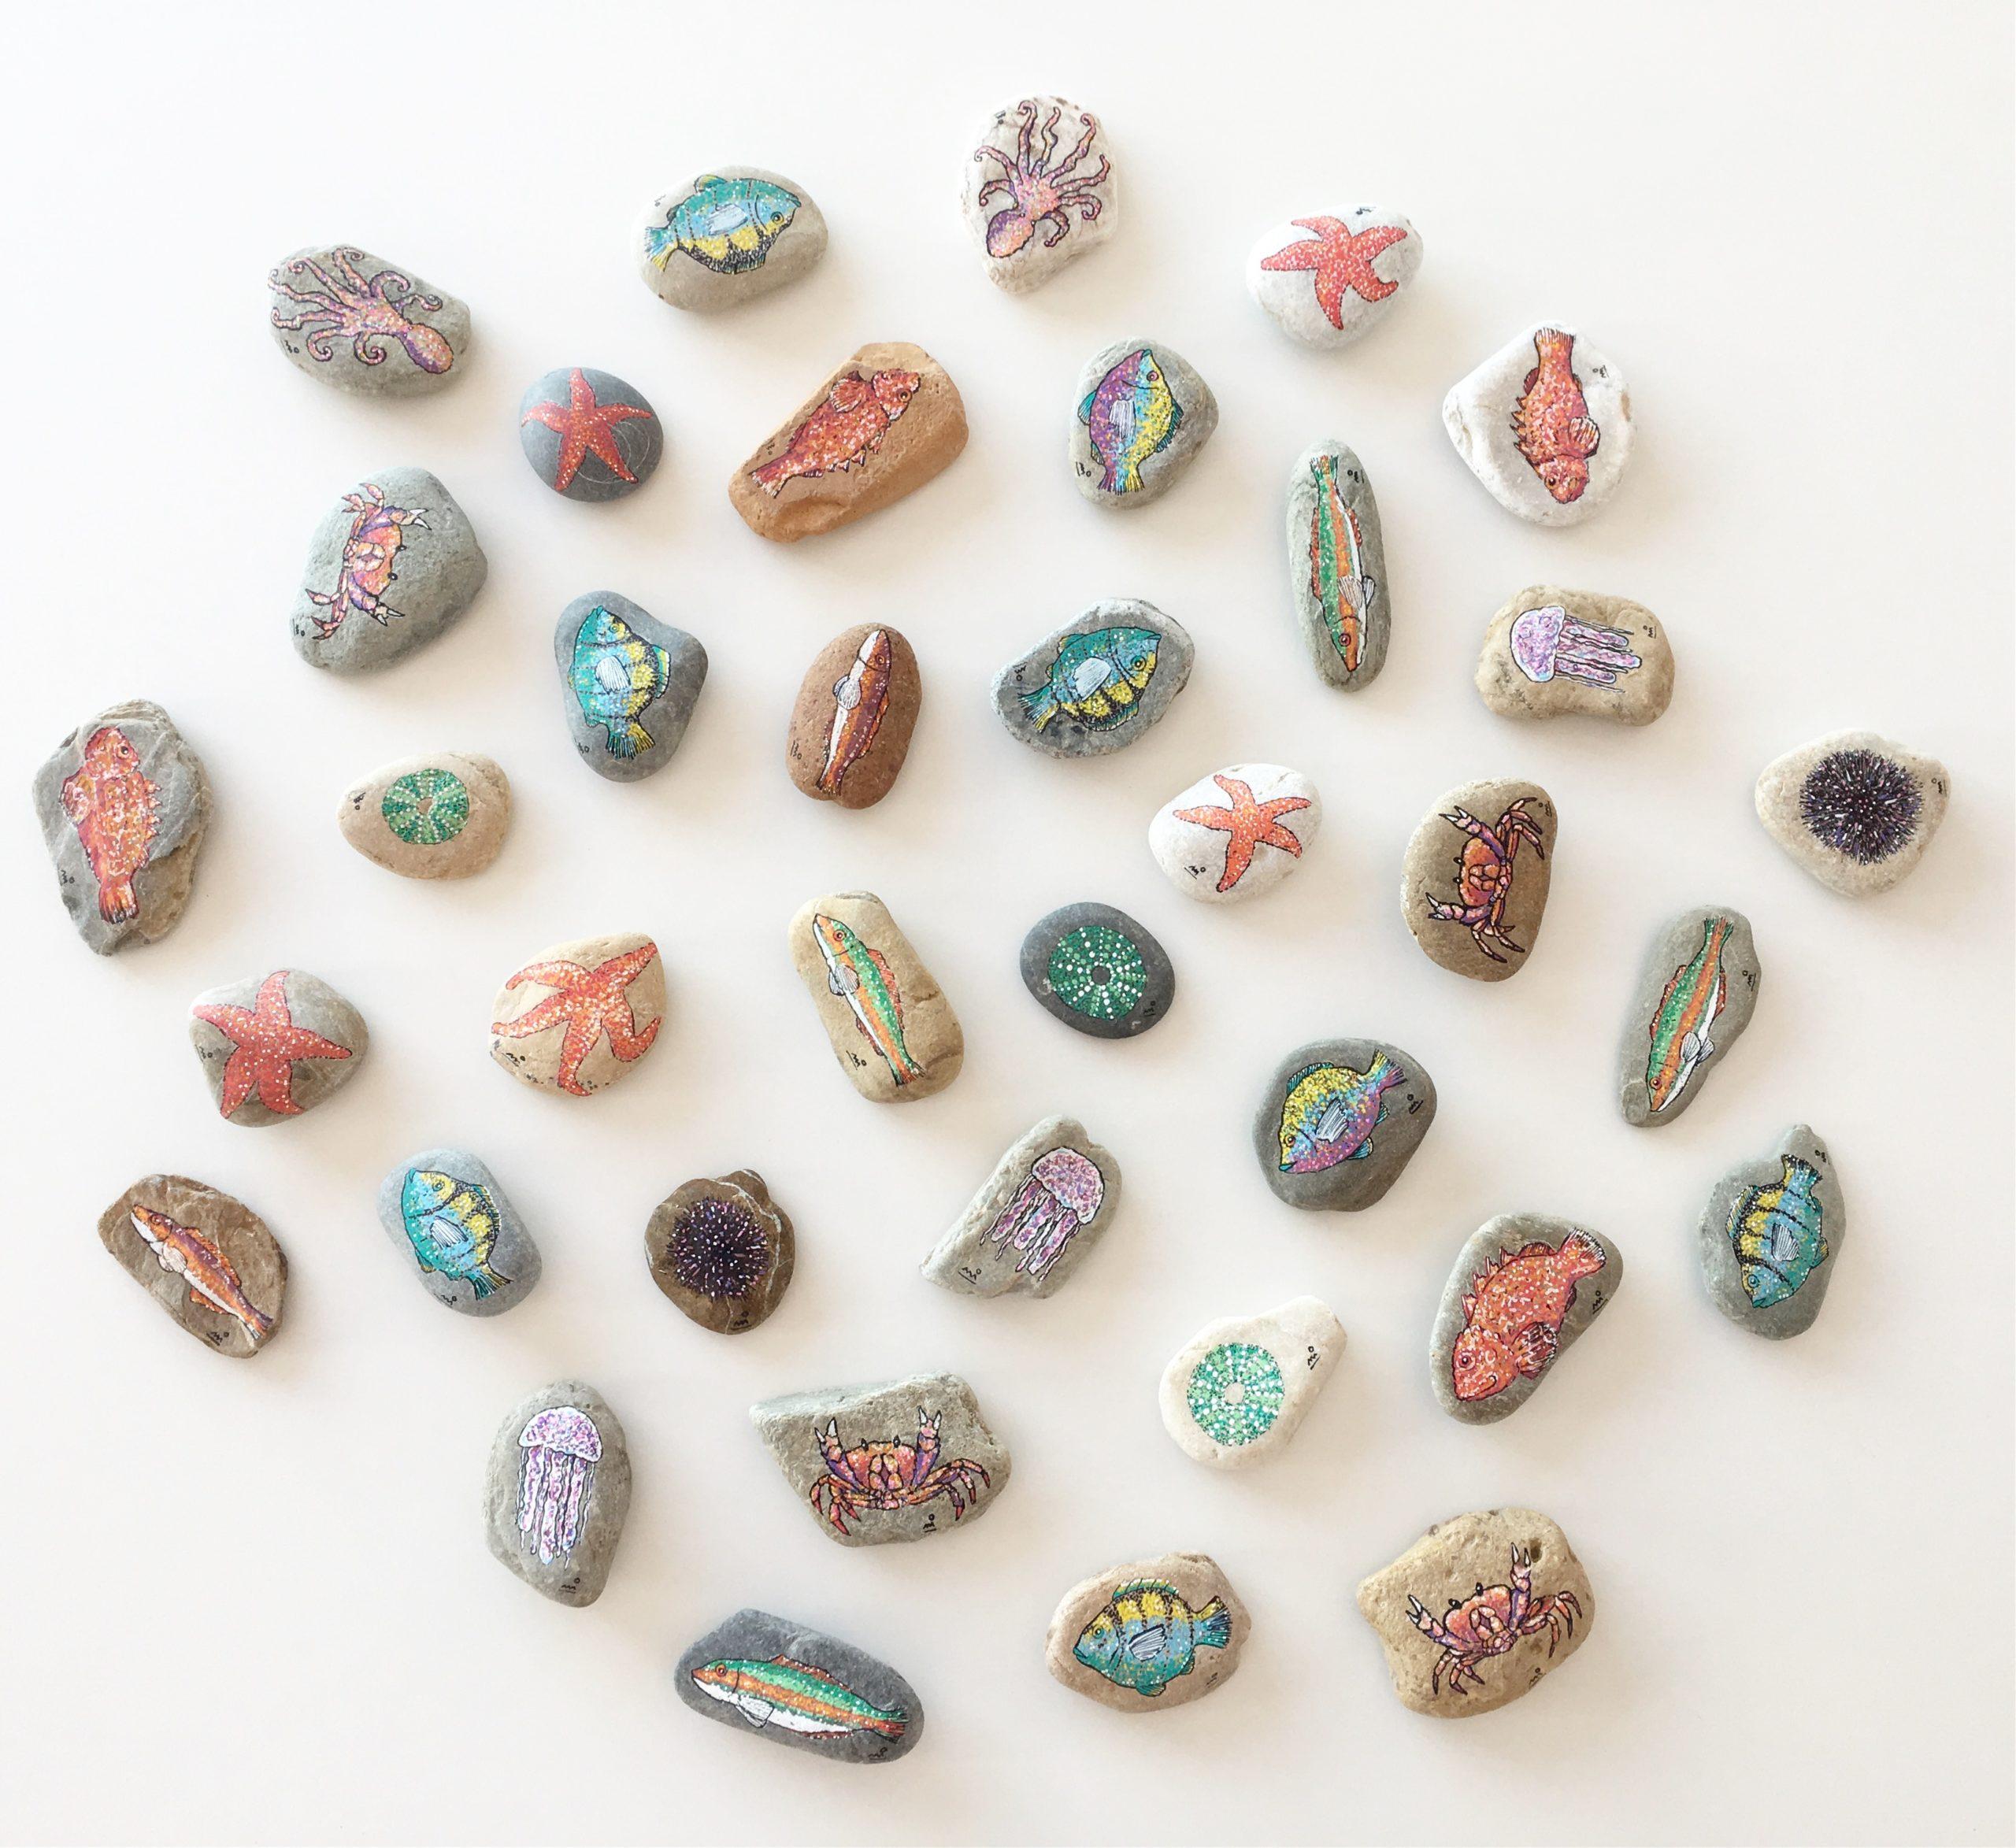 This rocks-imagen-Miquel Alfocea-acrílico sobre piedra